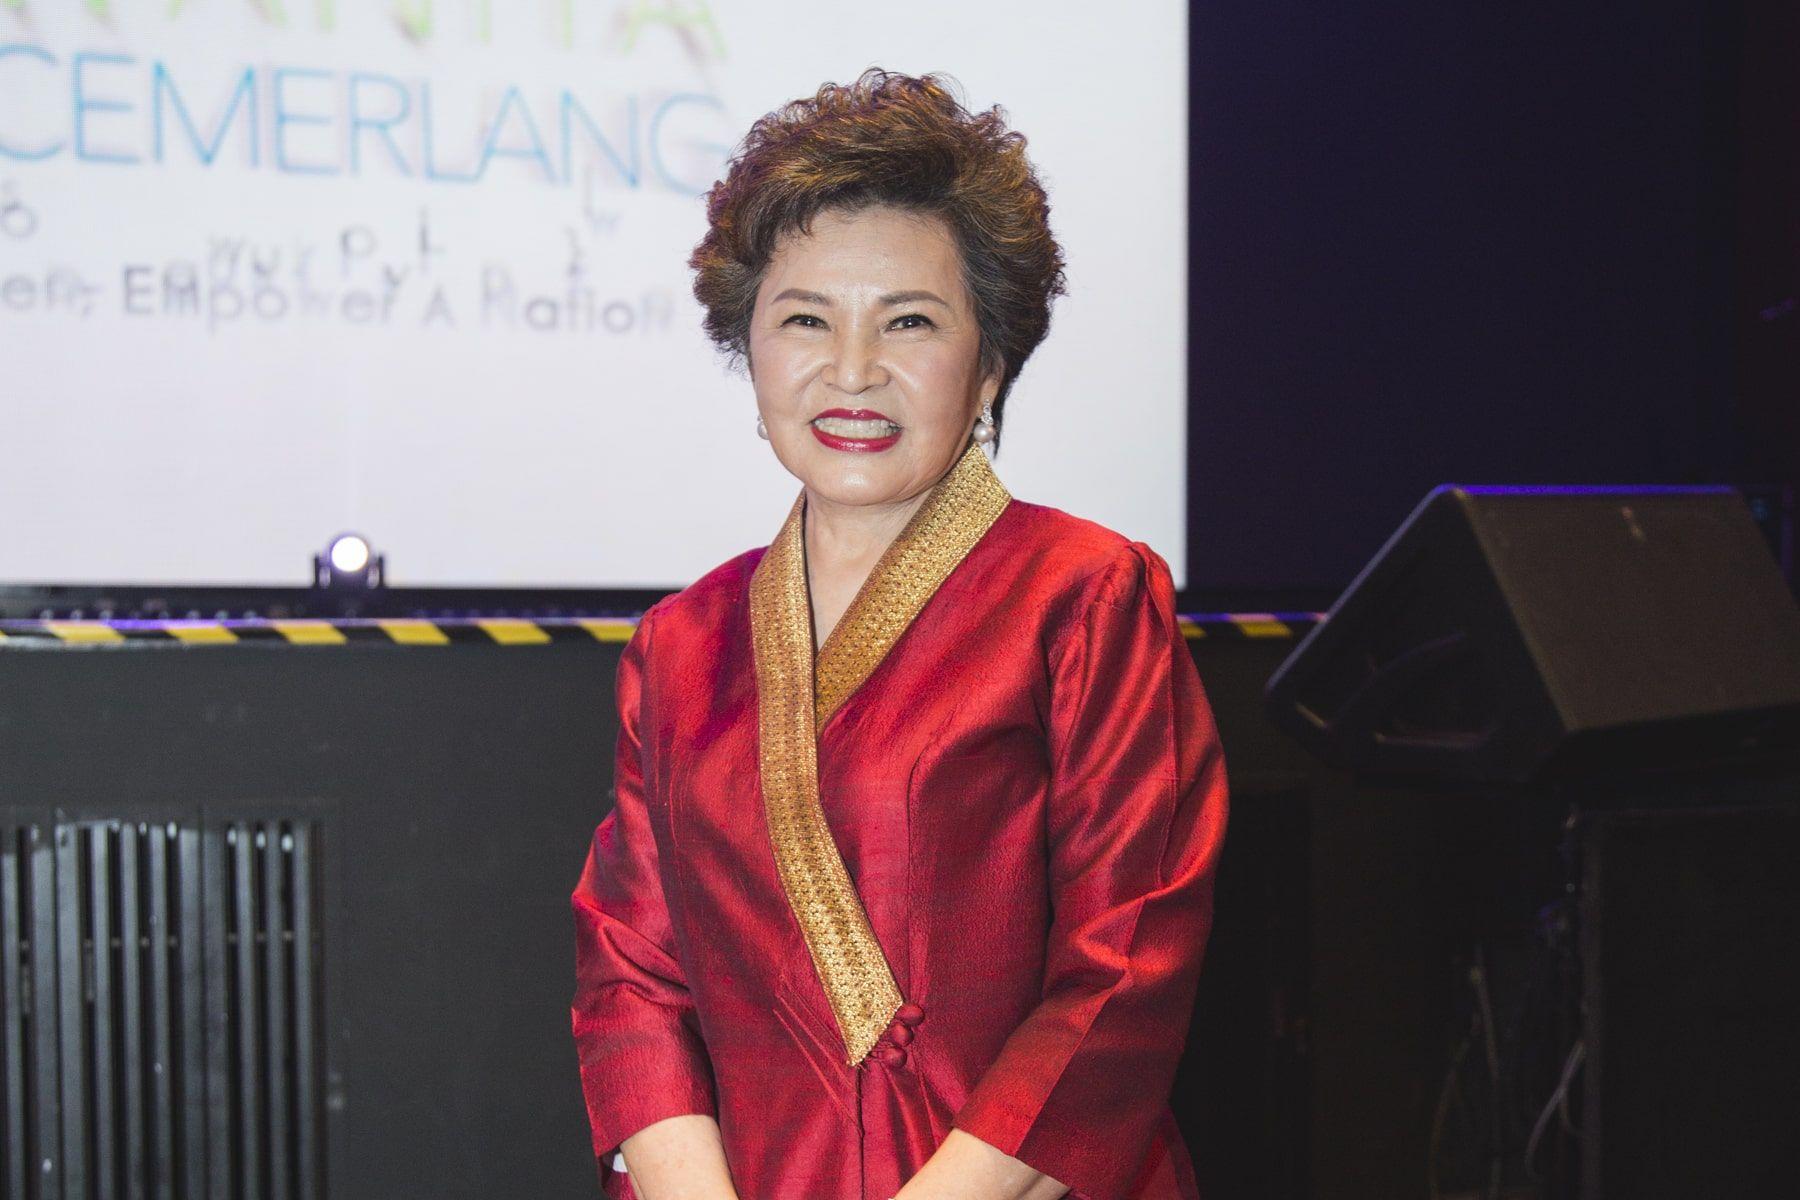 Tan Sri Dato' Sri Dr Ng Yen Yen, founder of YWC